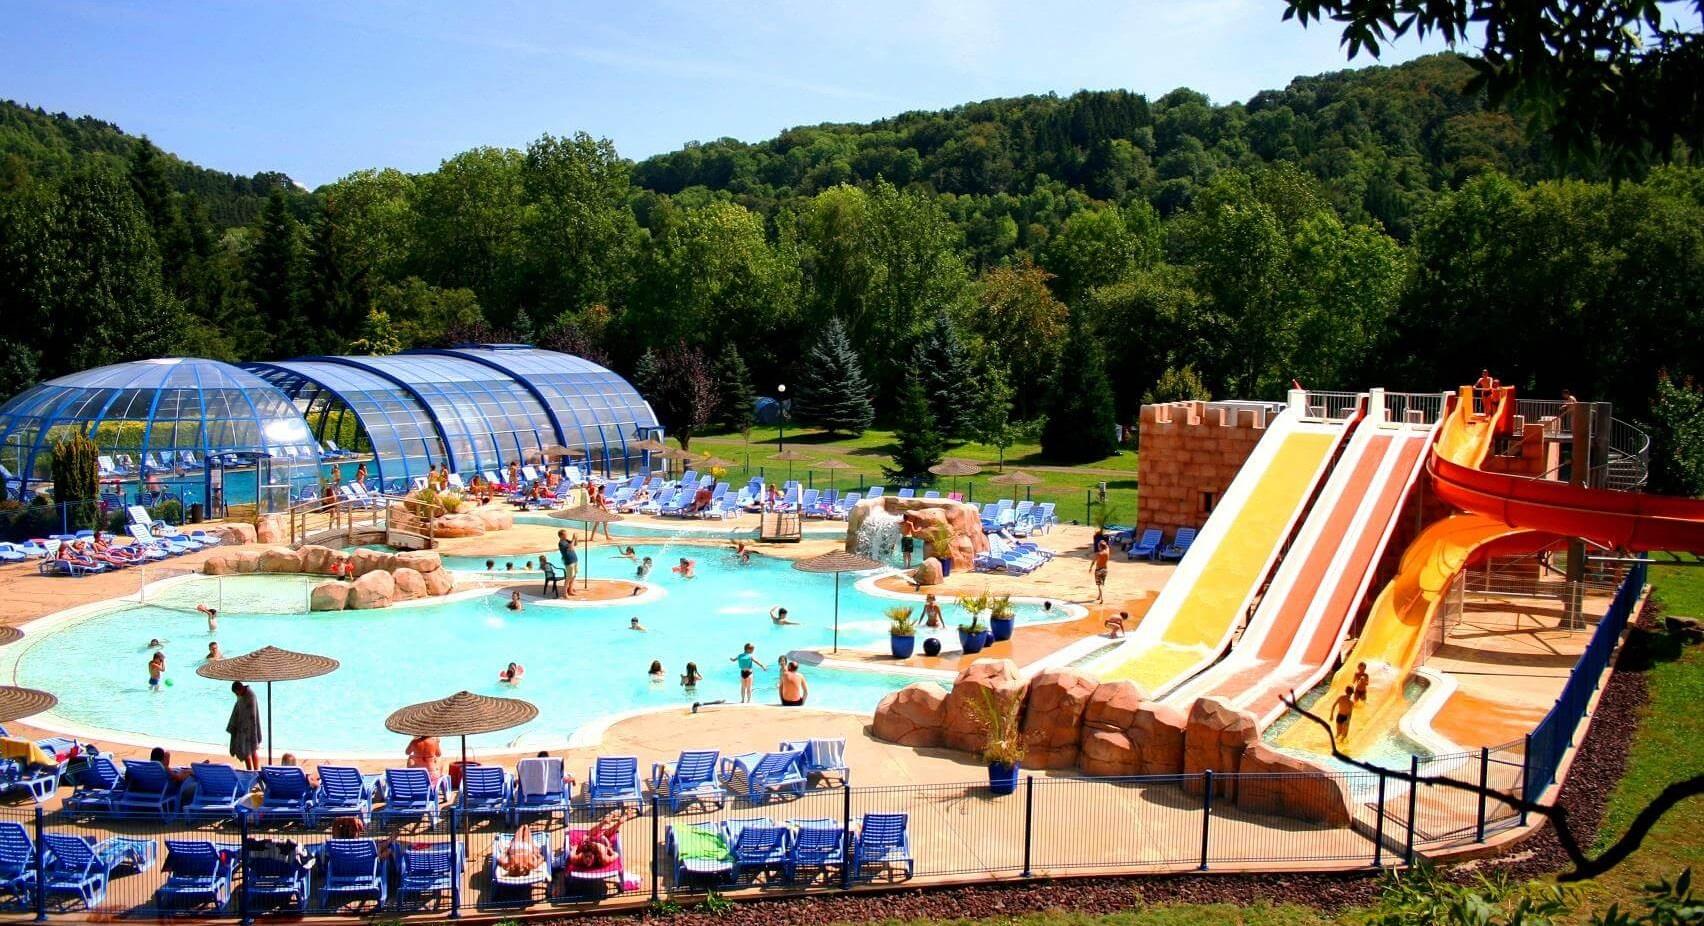 Camping Auvergne Parc Aquatique : Réservez Vos Vacances intérieur Camping Auvergne Piscine